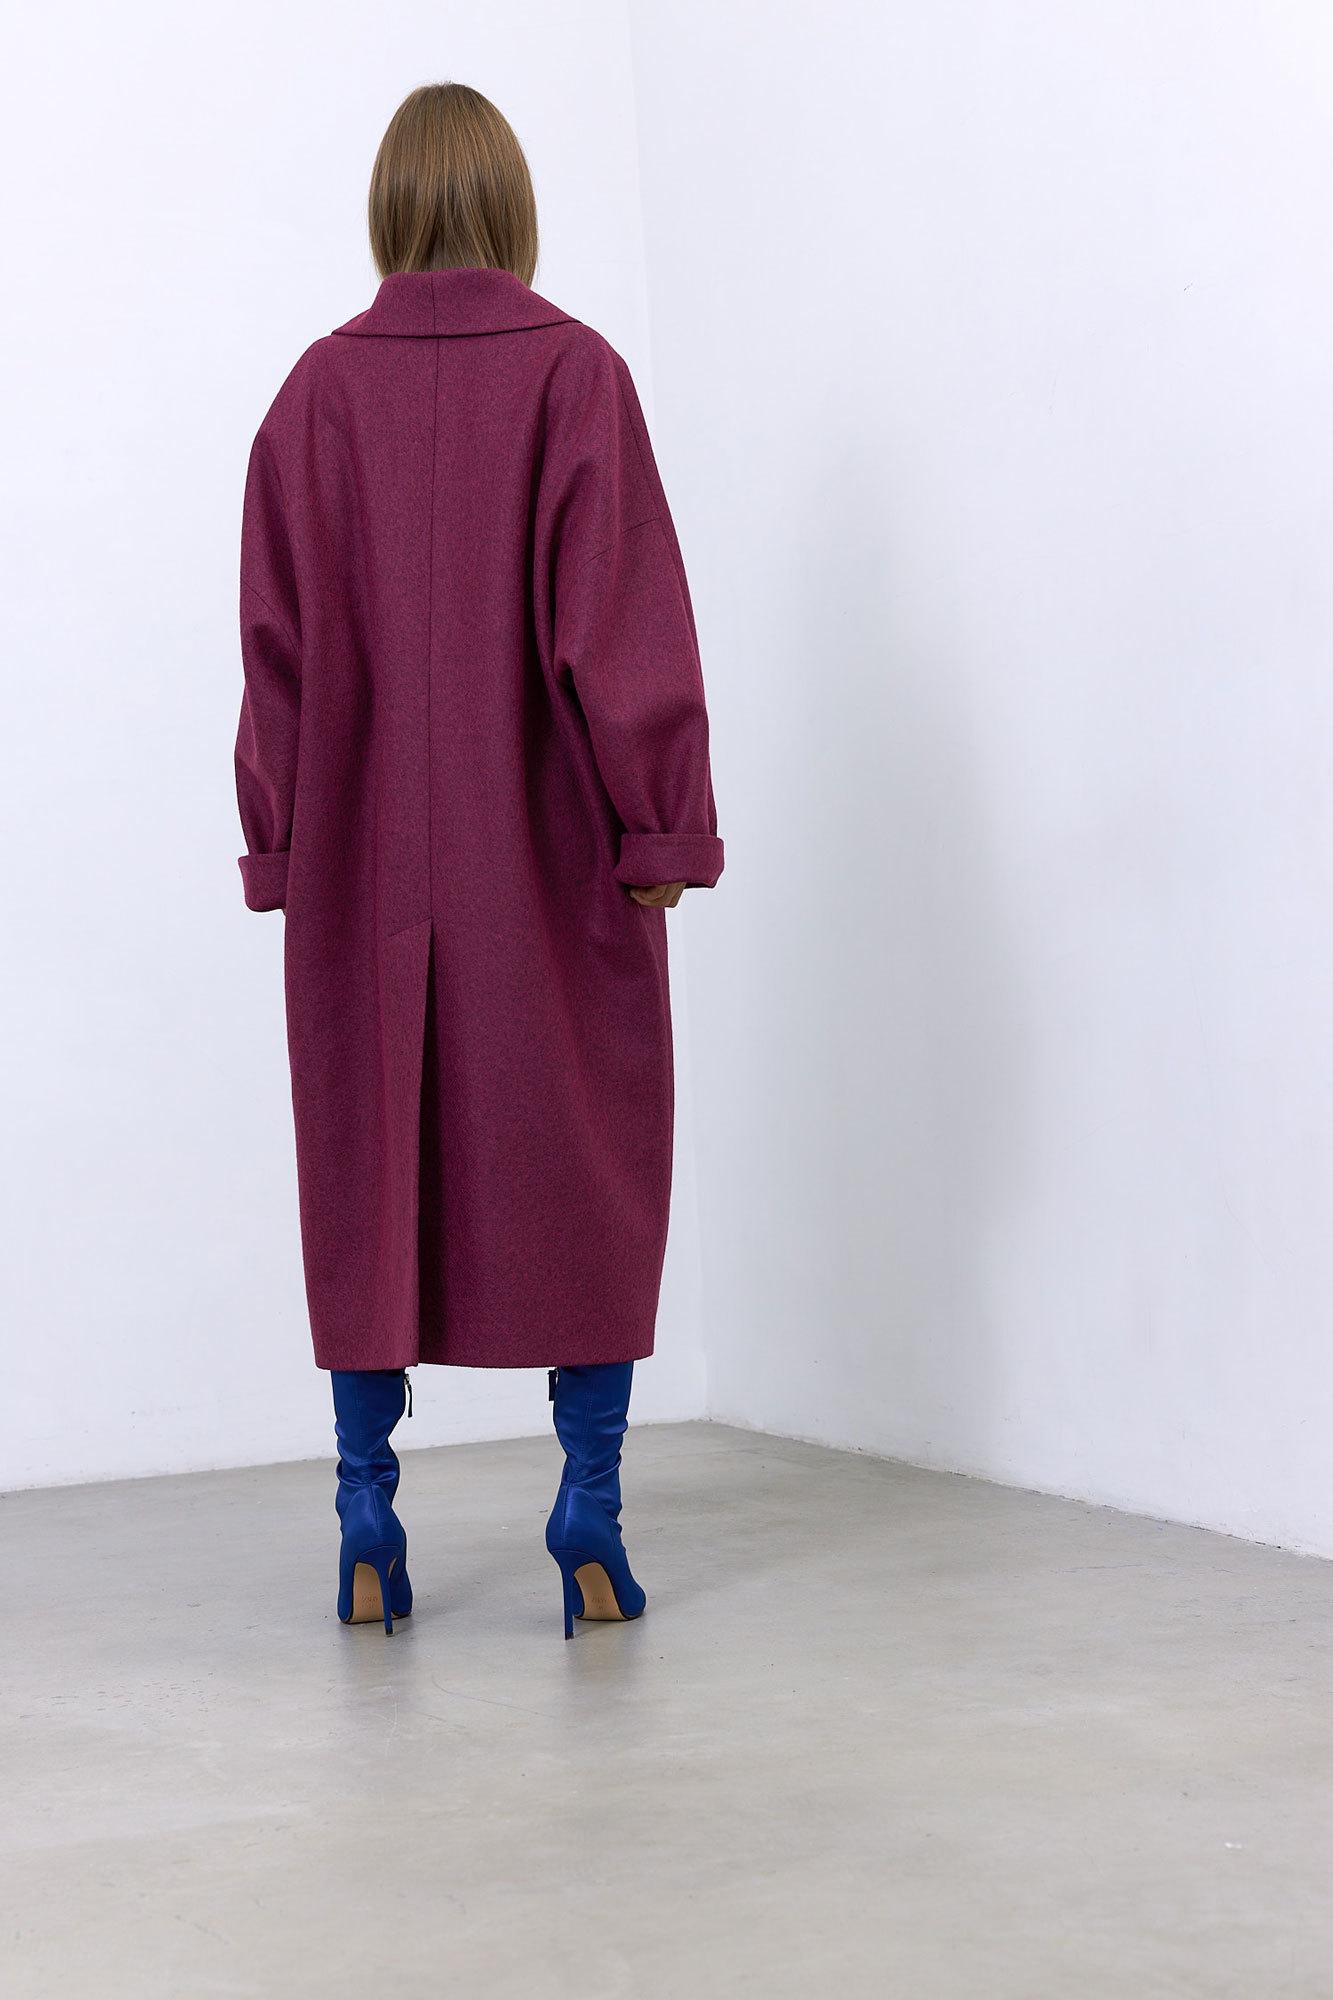 Пальто с комбинированным рукавом, фуксия